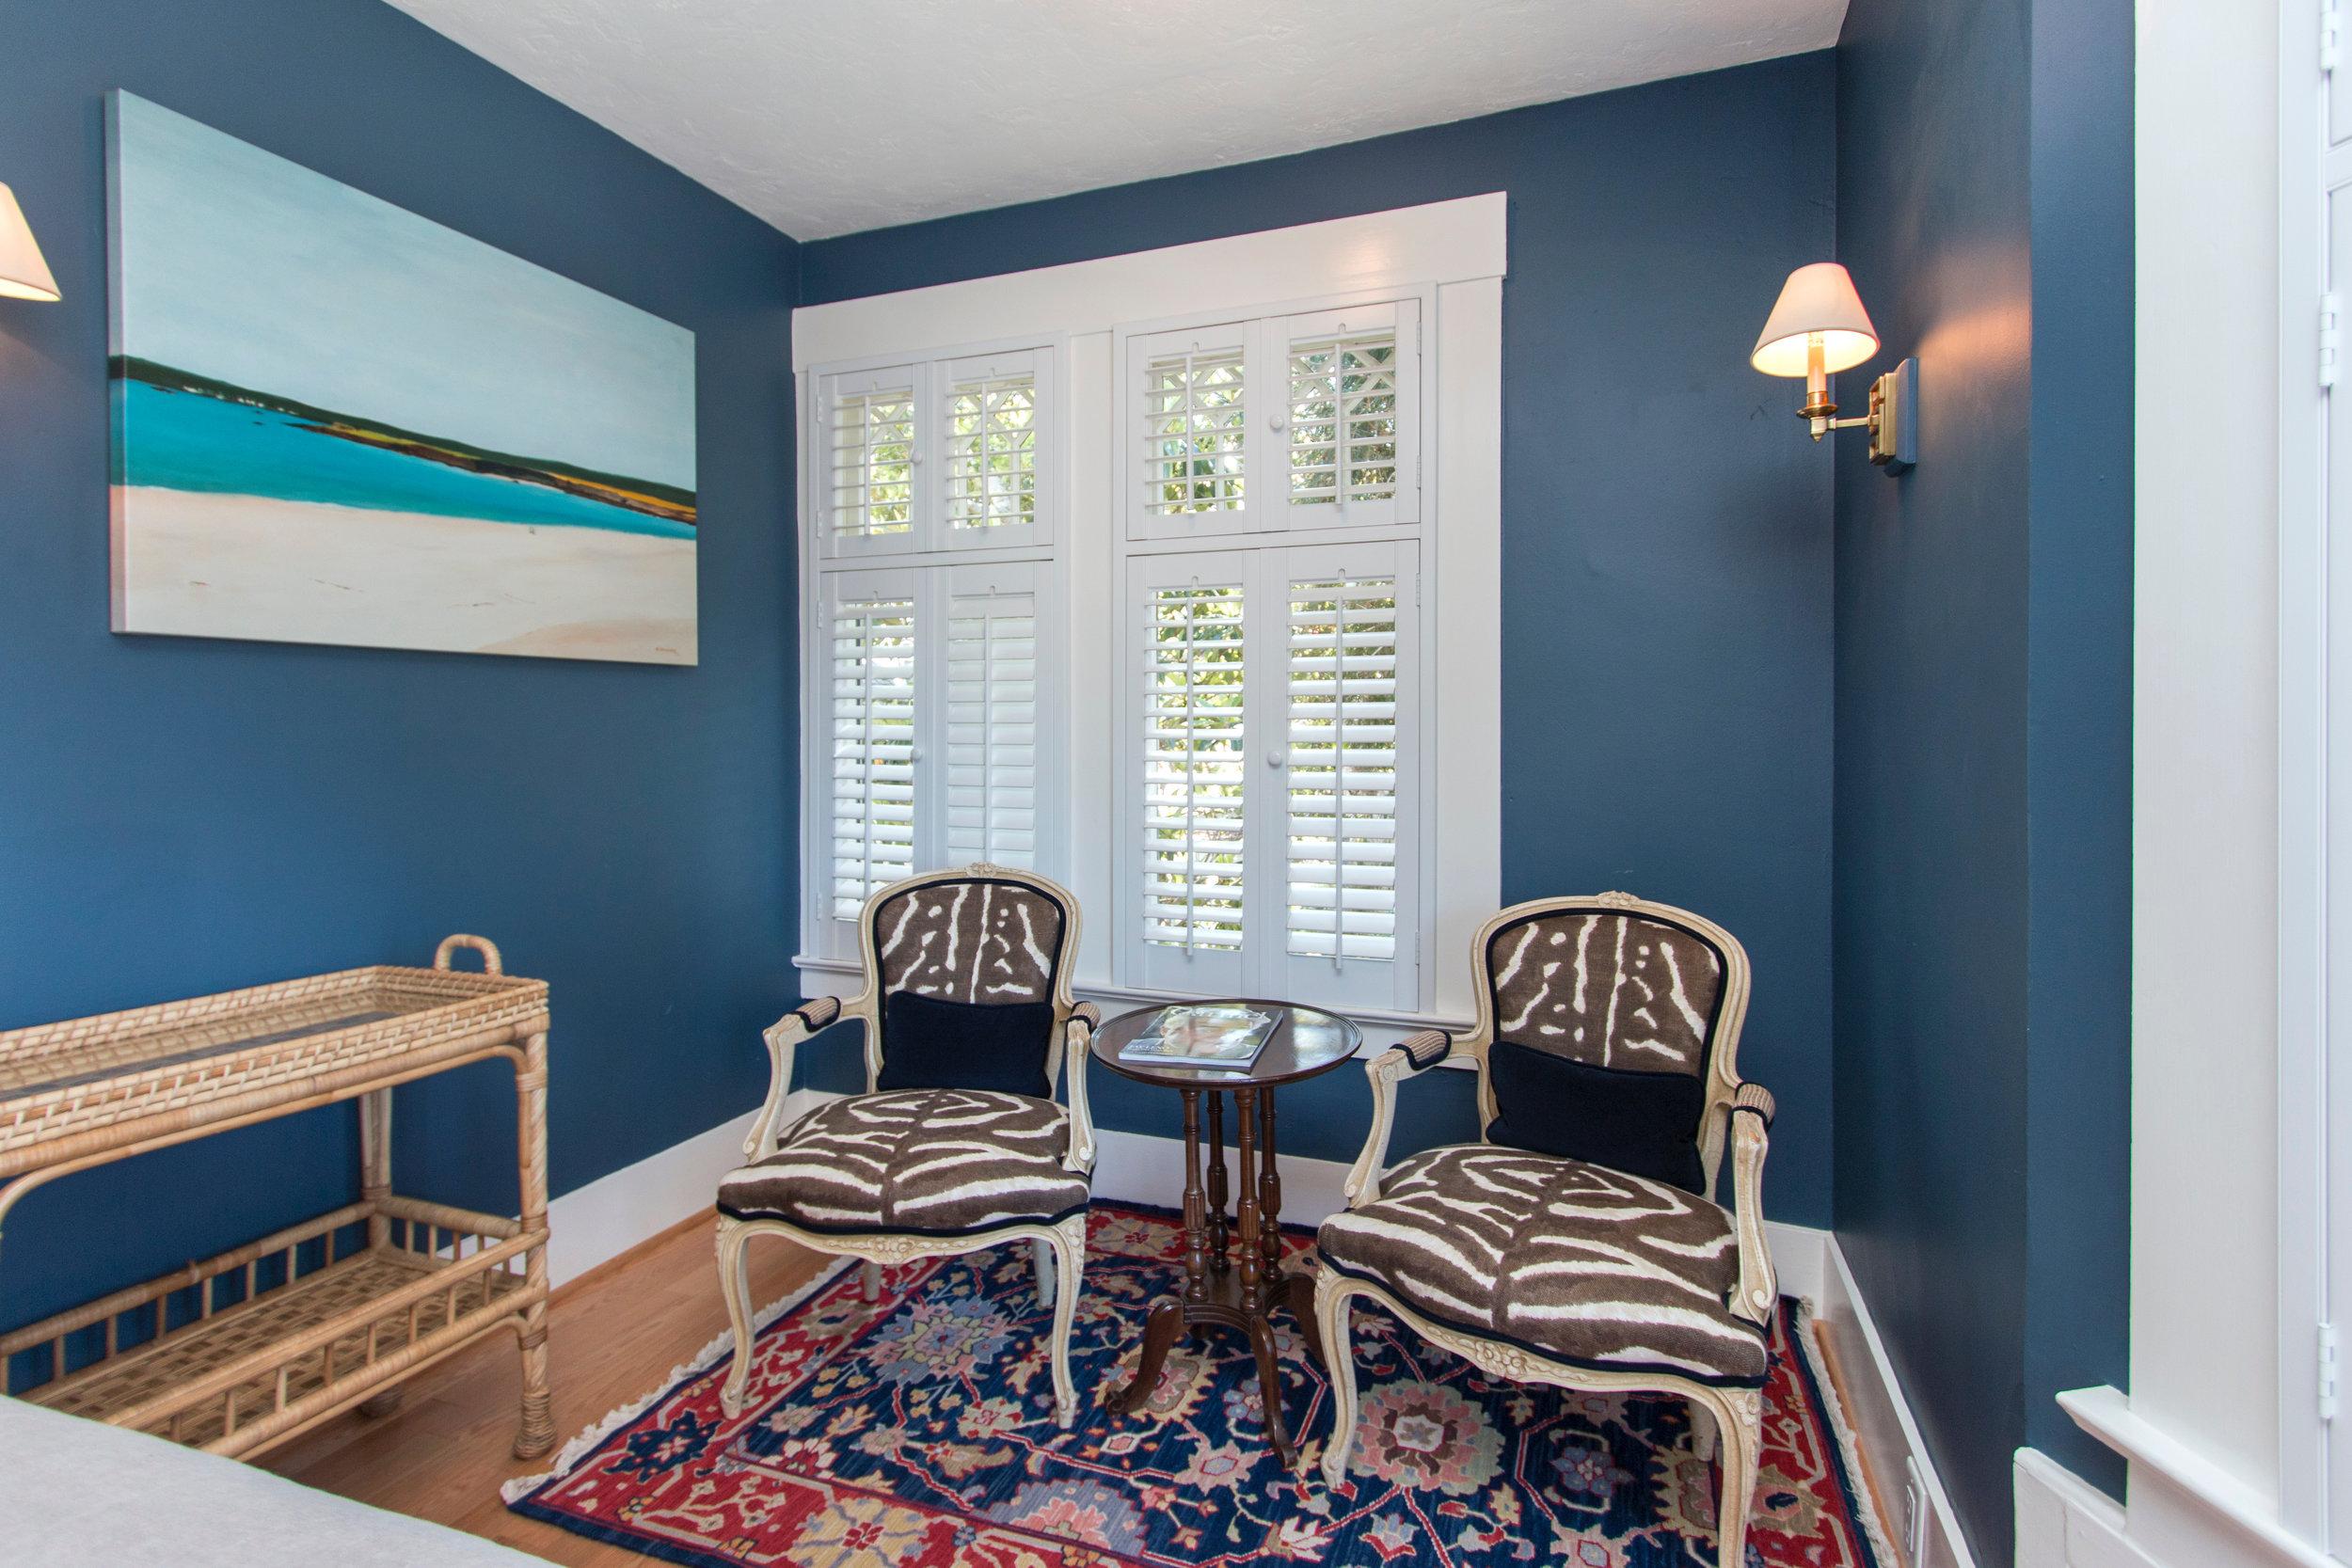 Sea View Inn US Open Room 8A.jpg